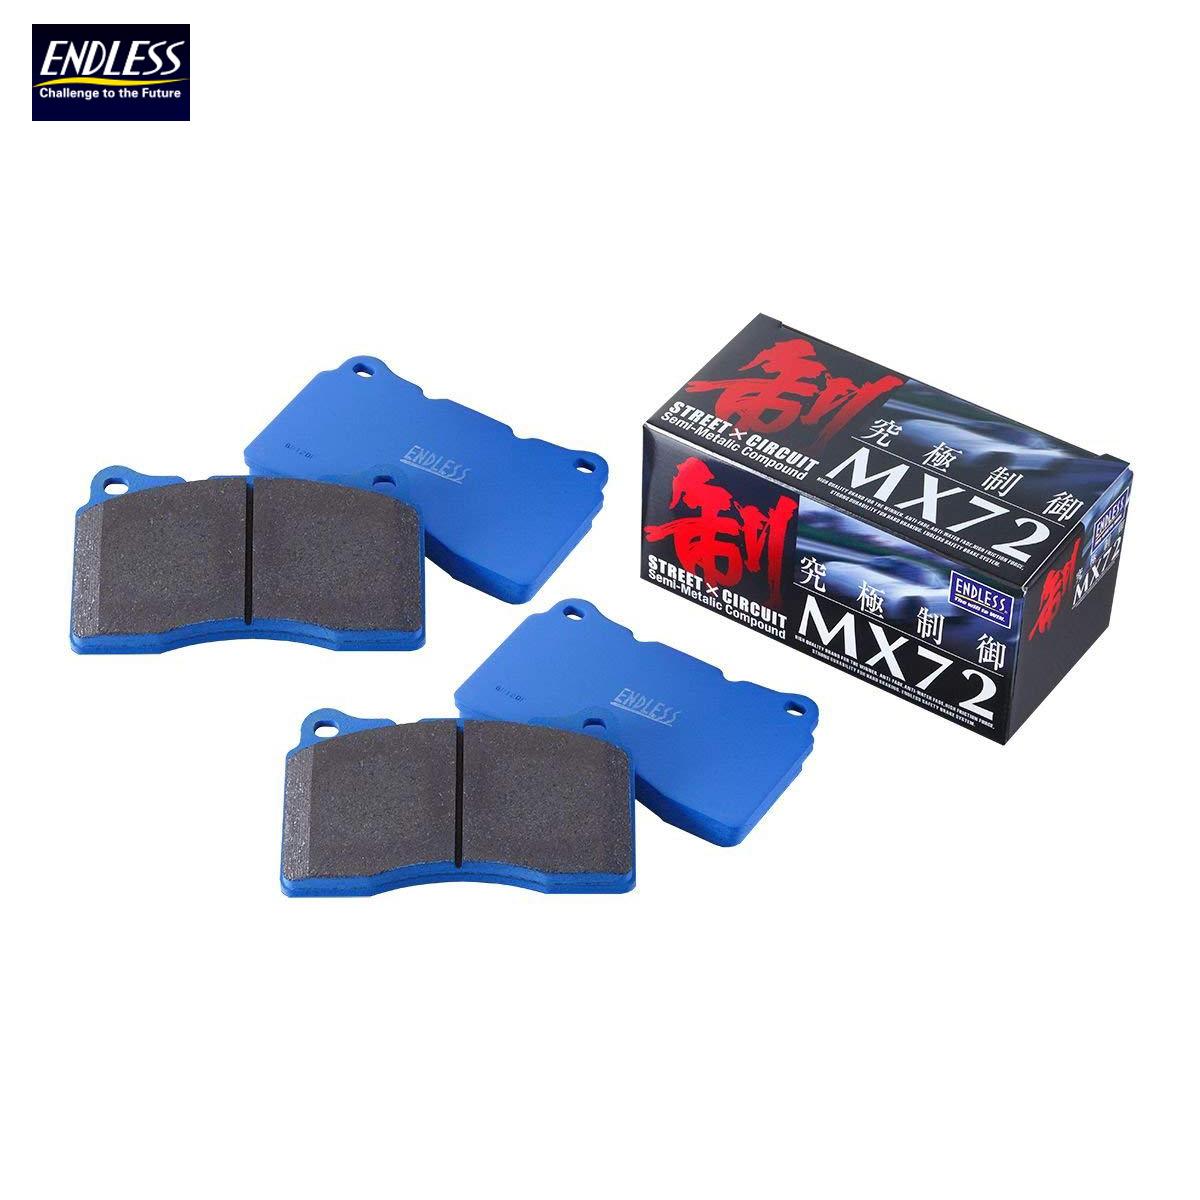 ENDLESS エンドレス ブレーキパッド MX72セット フロント EP404 リア EP397 ウィッシュ ANE10G 11W ZNE10G 14G 4輪ディスク